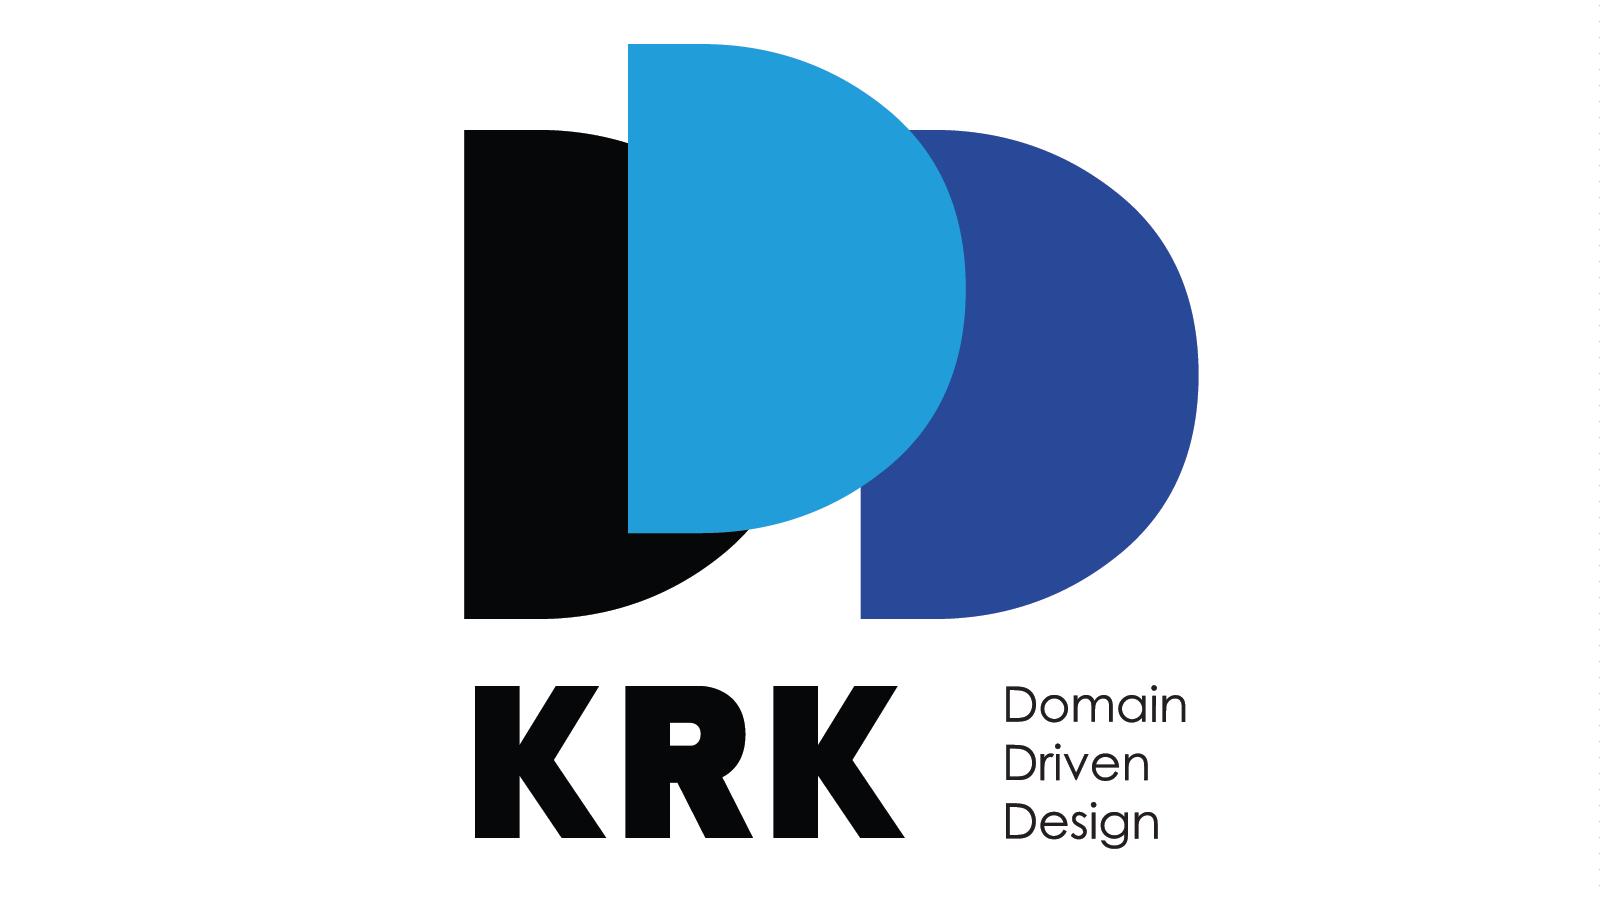 DDD-KRK